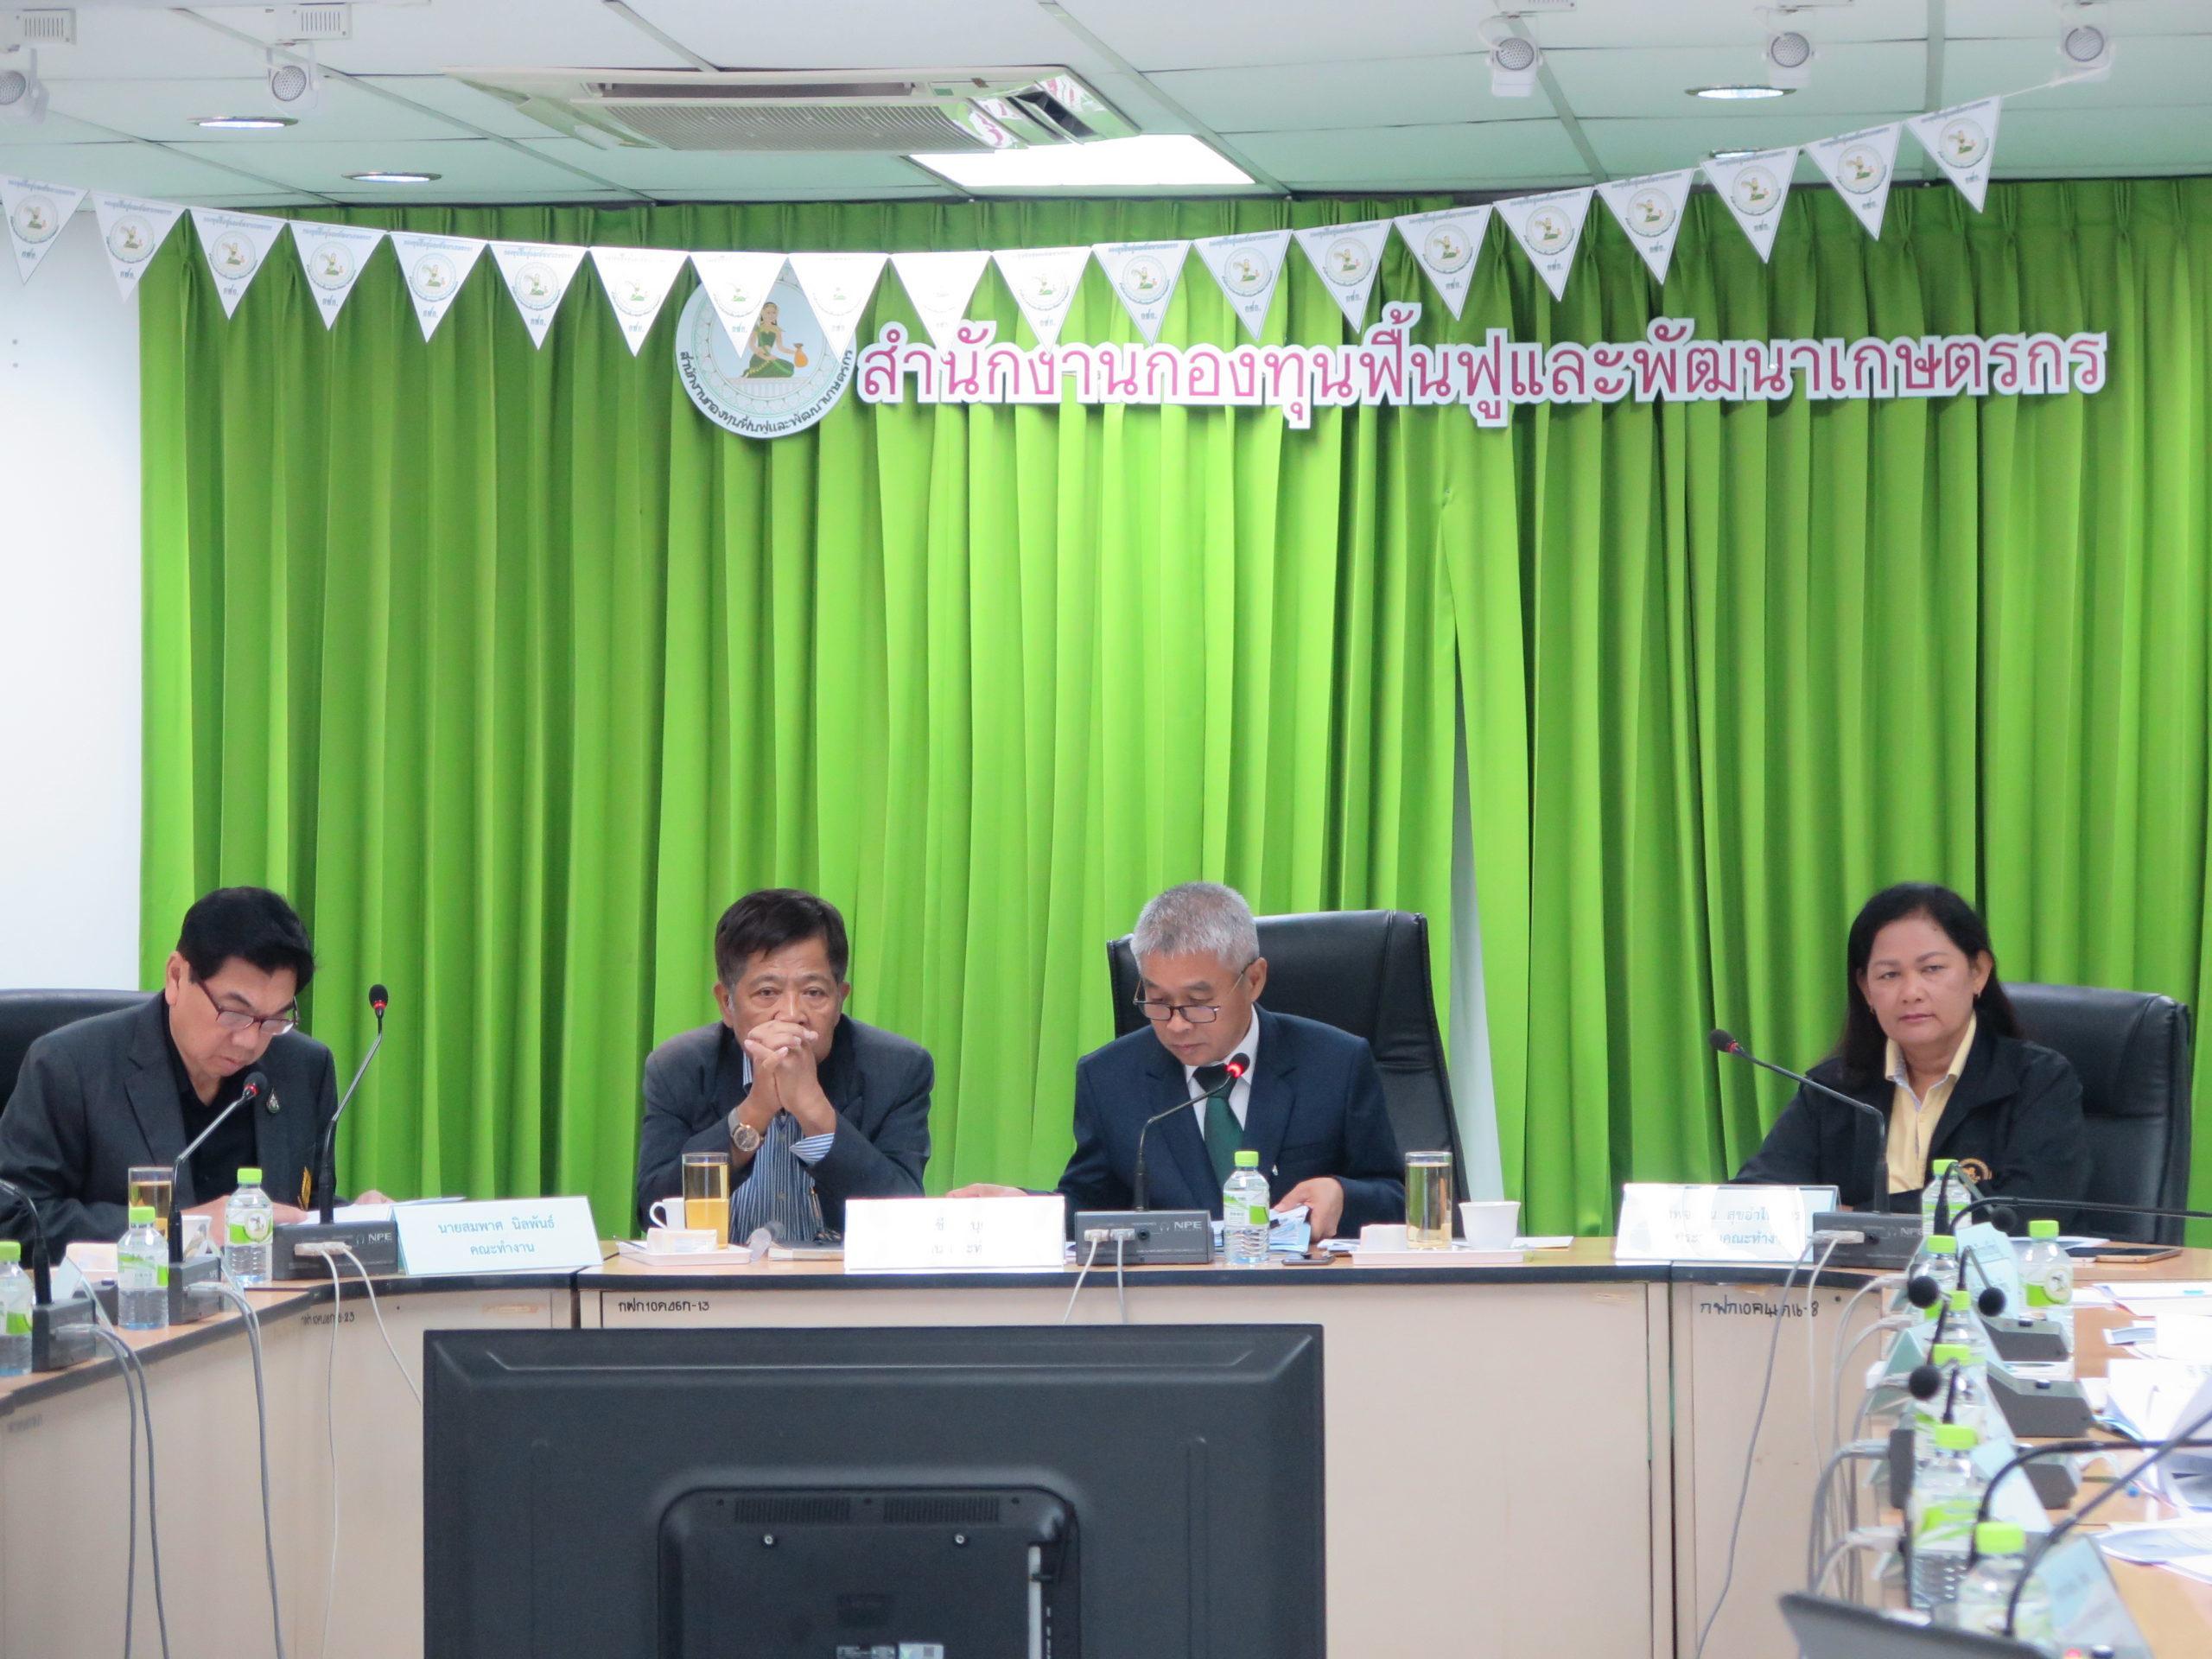 ประชุมคณะทำงานตรวจสอบรายชื่อและคุณสมบัติเกษตรกรก่อนการชำระหนี้แทน ครั้งที่ 2/2563